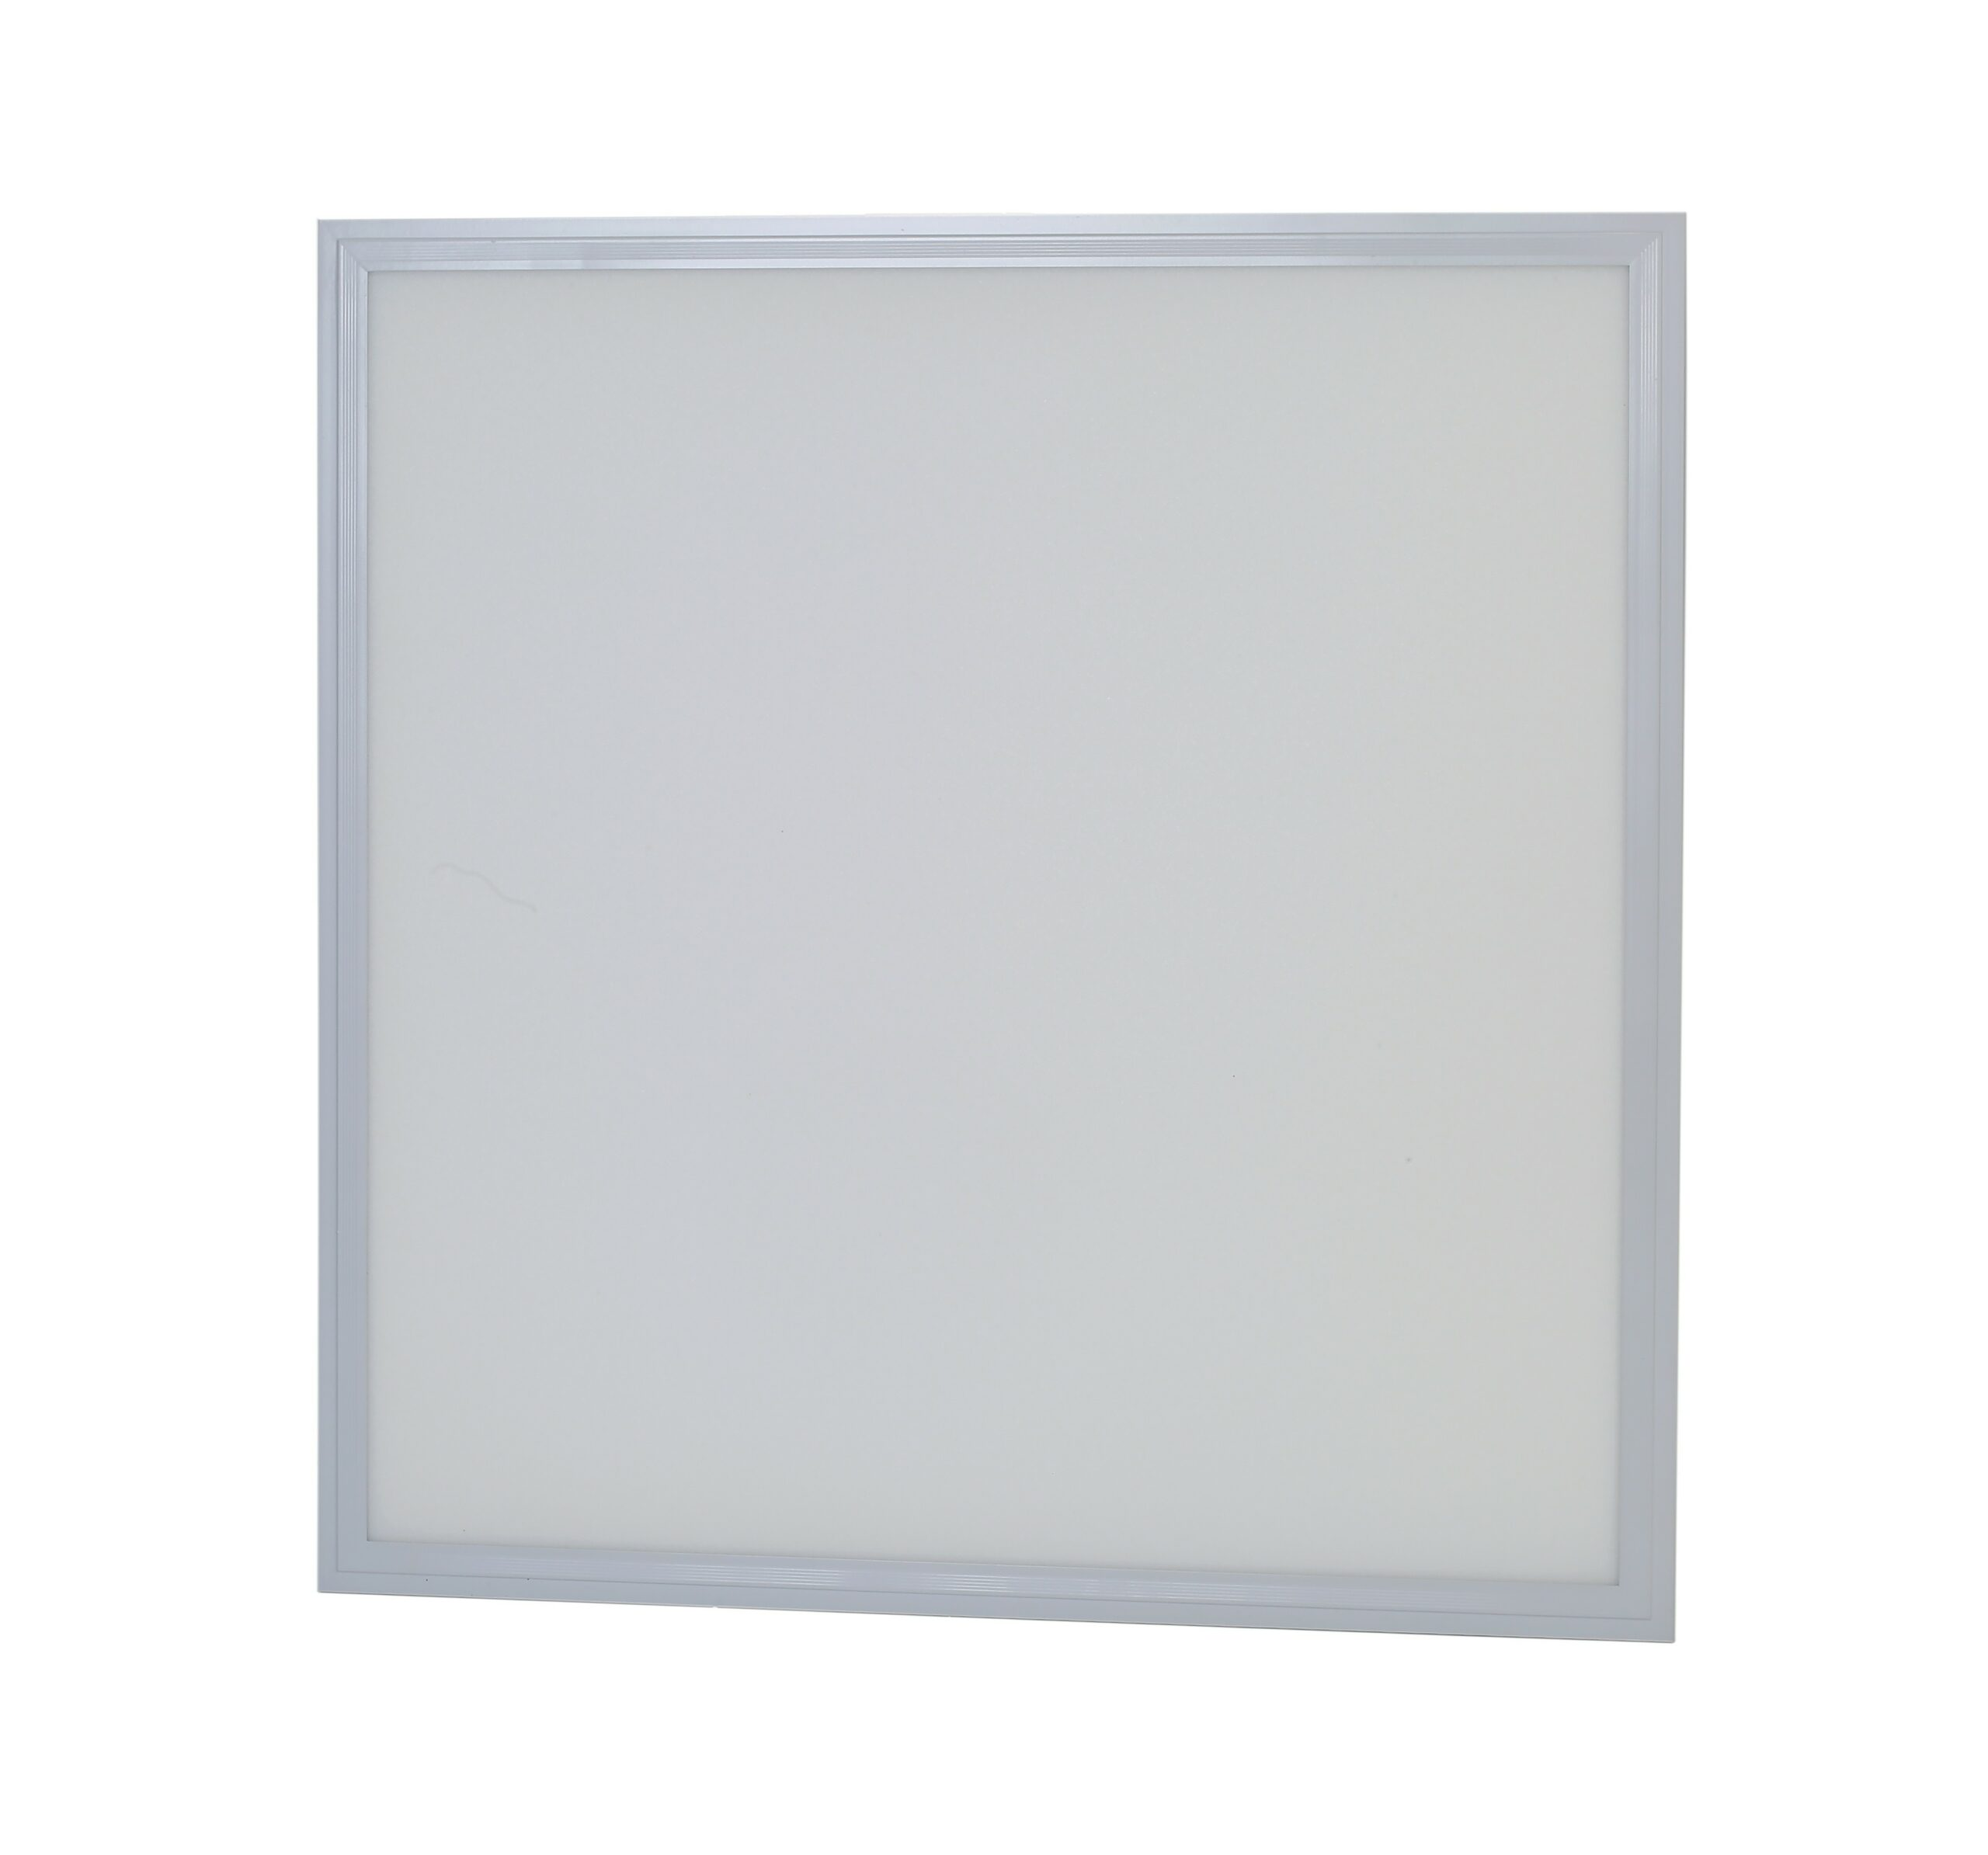 48W LED 600 X 600 PANEL